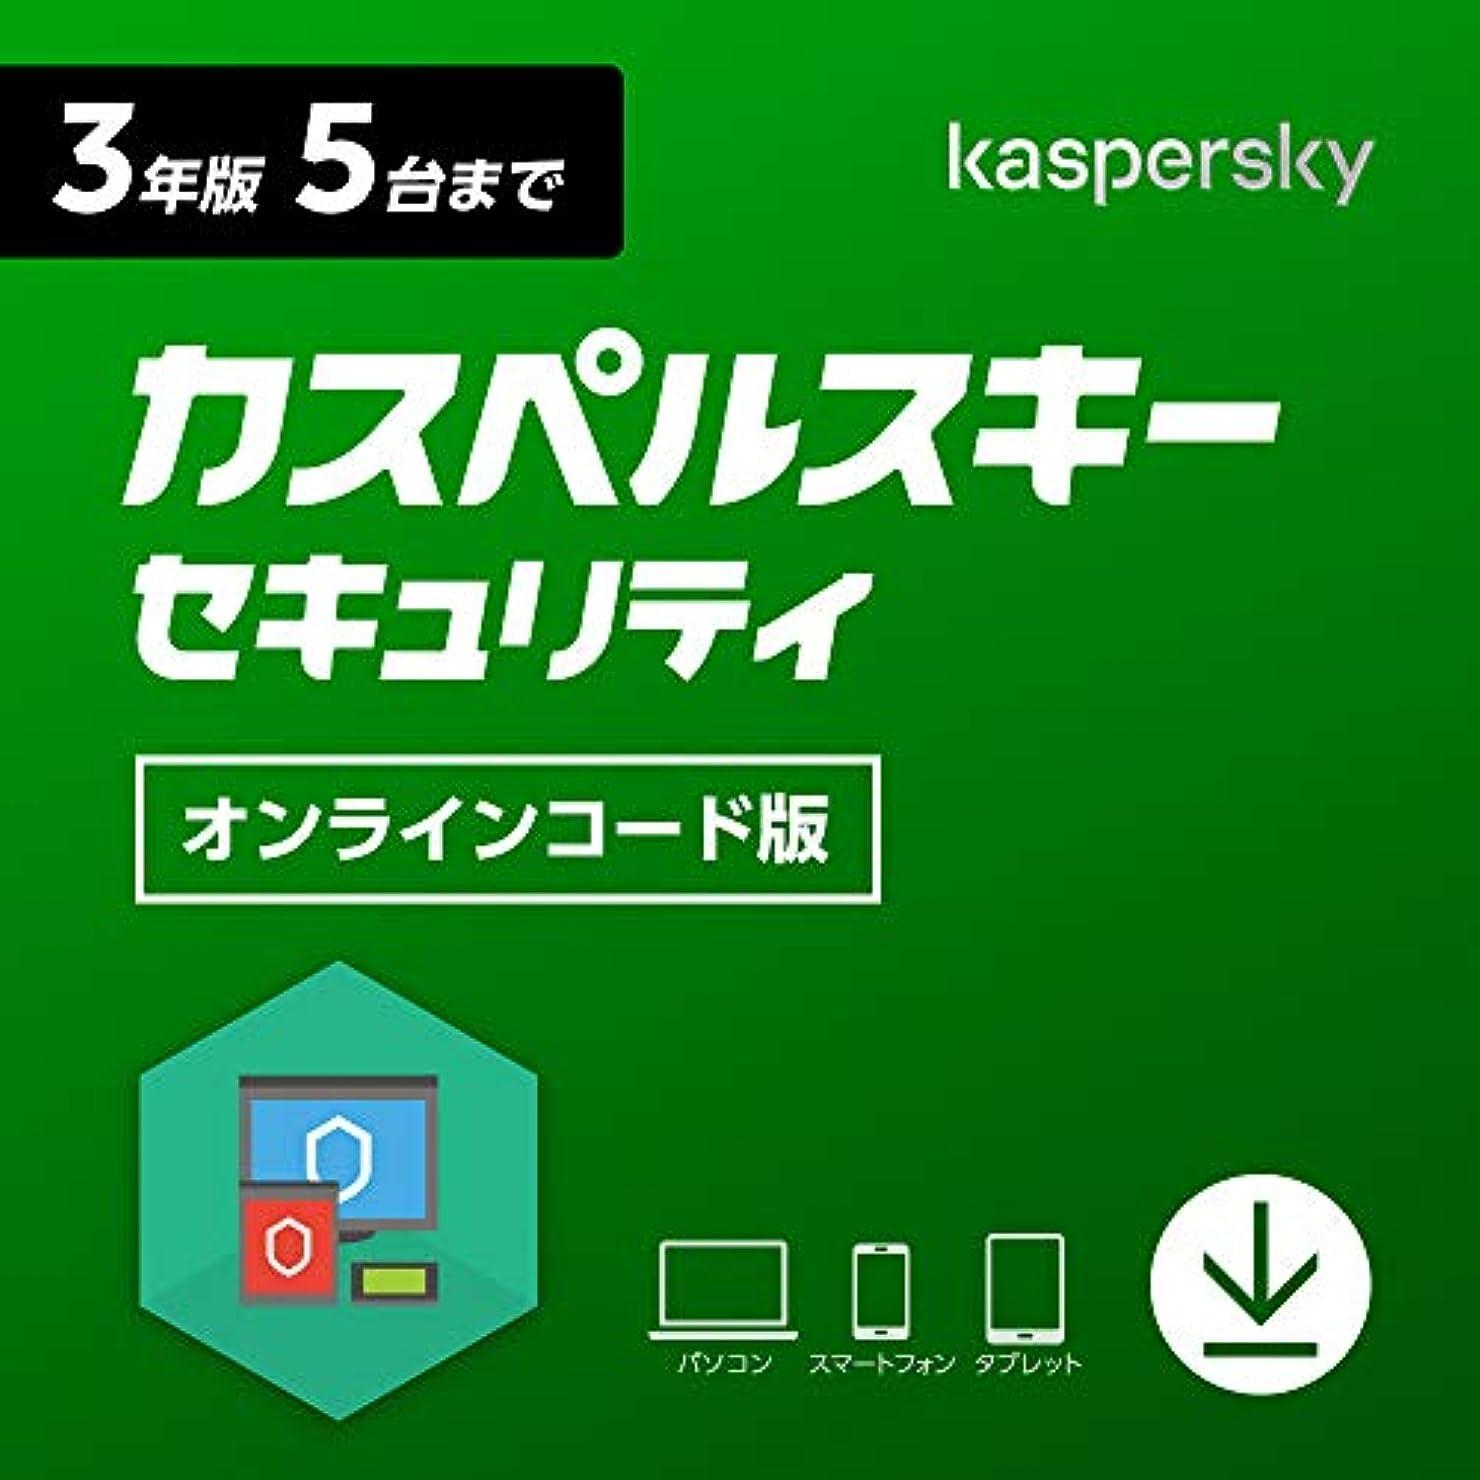 洞察力ビジネス相関するカスペルスキー セキュリティ (最新版) | 3年 5台版 | オンラインコード版 | Windows/Mac/Android対応